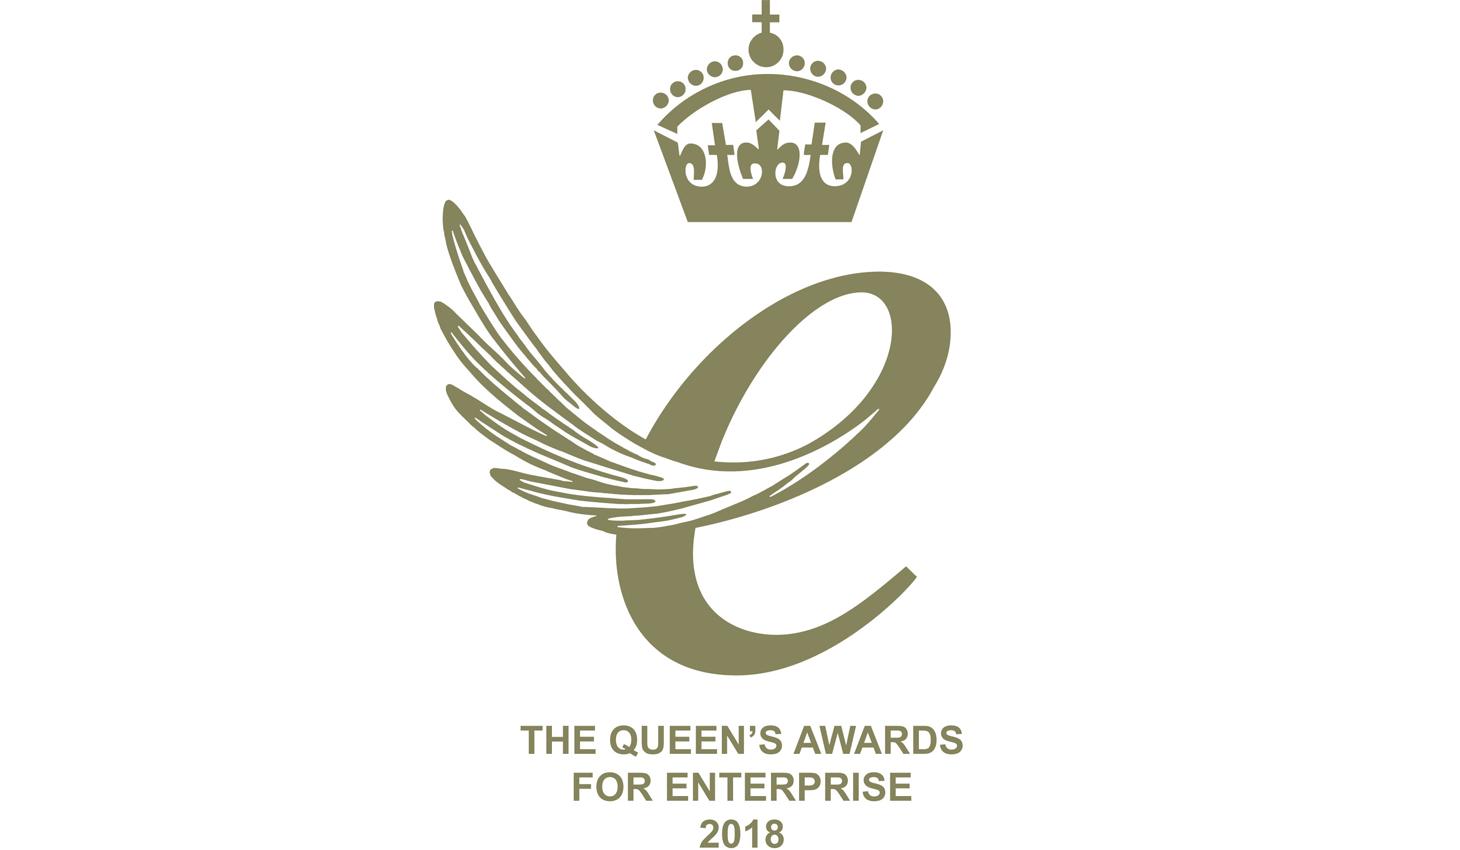 The Queen's Awards for Enterprise 2018